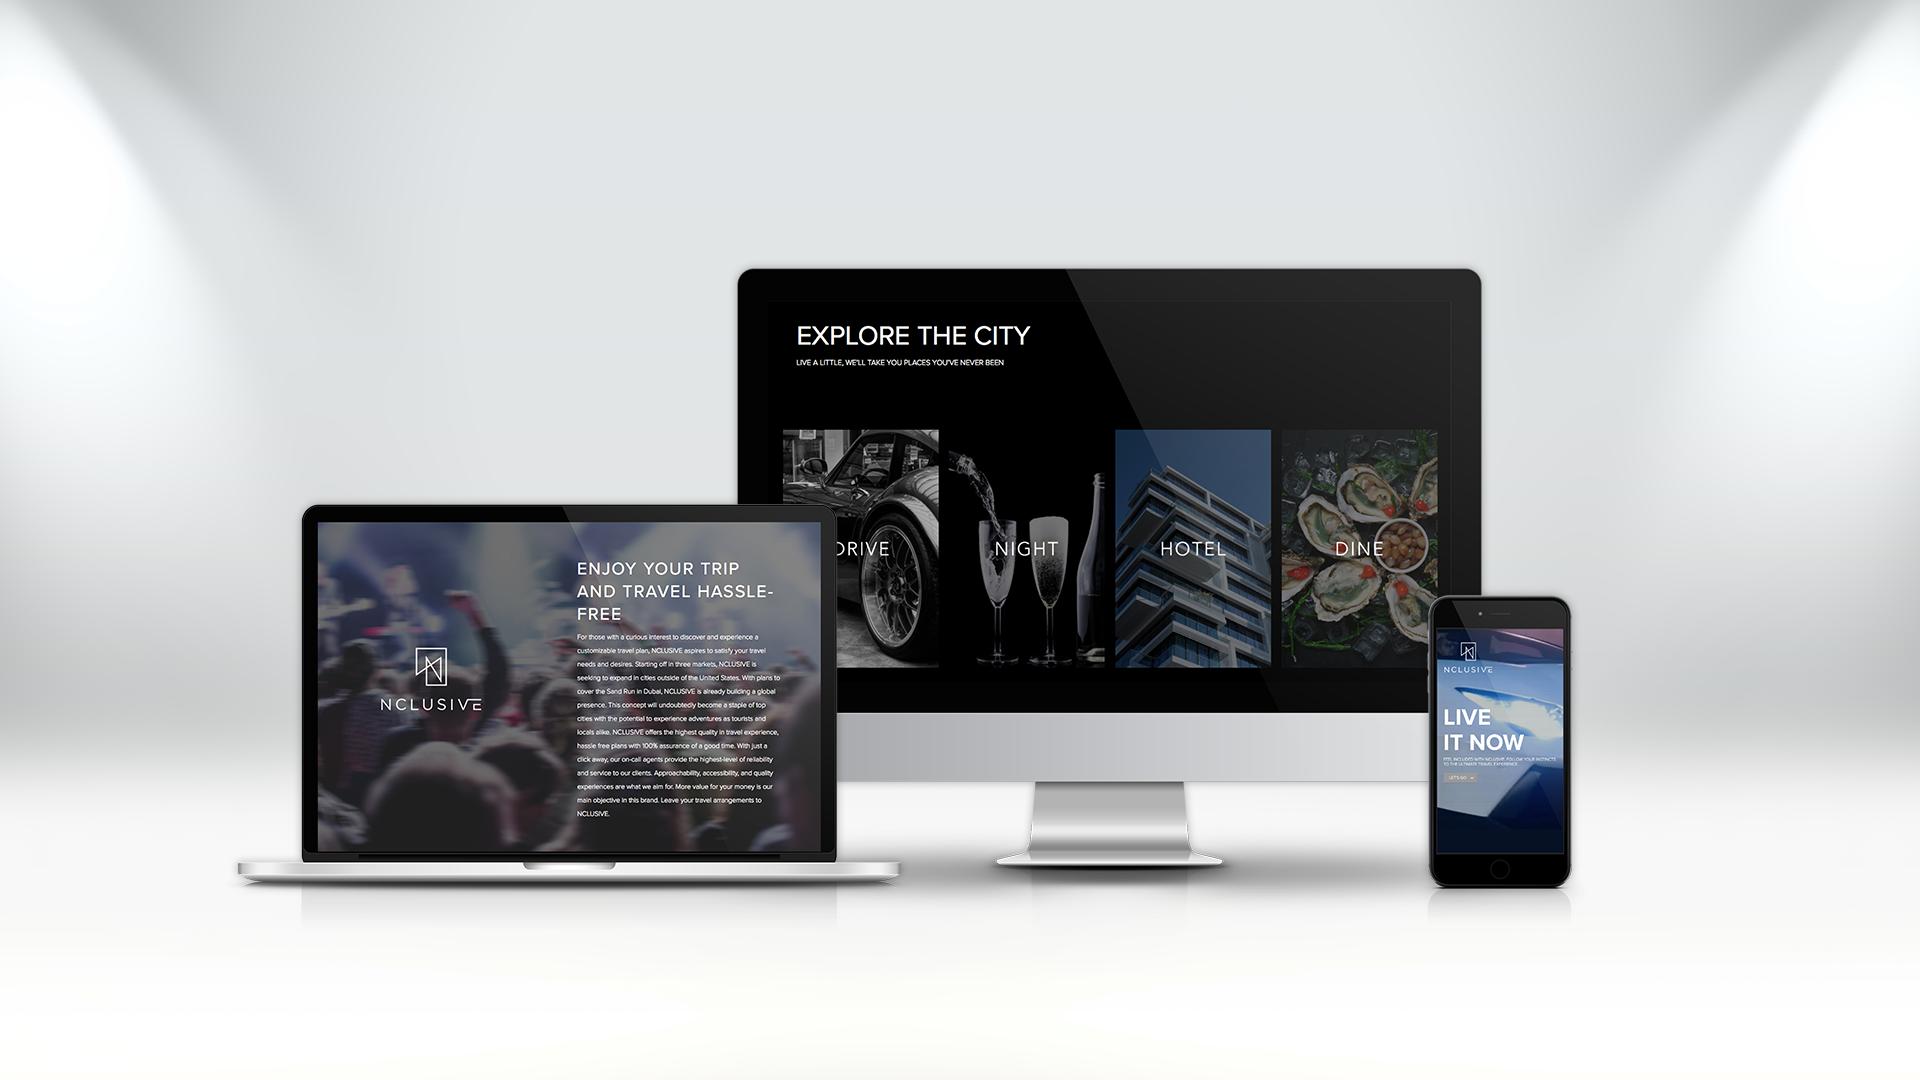 nclusive, branding, website design